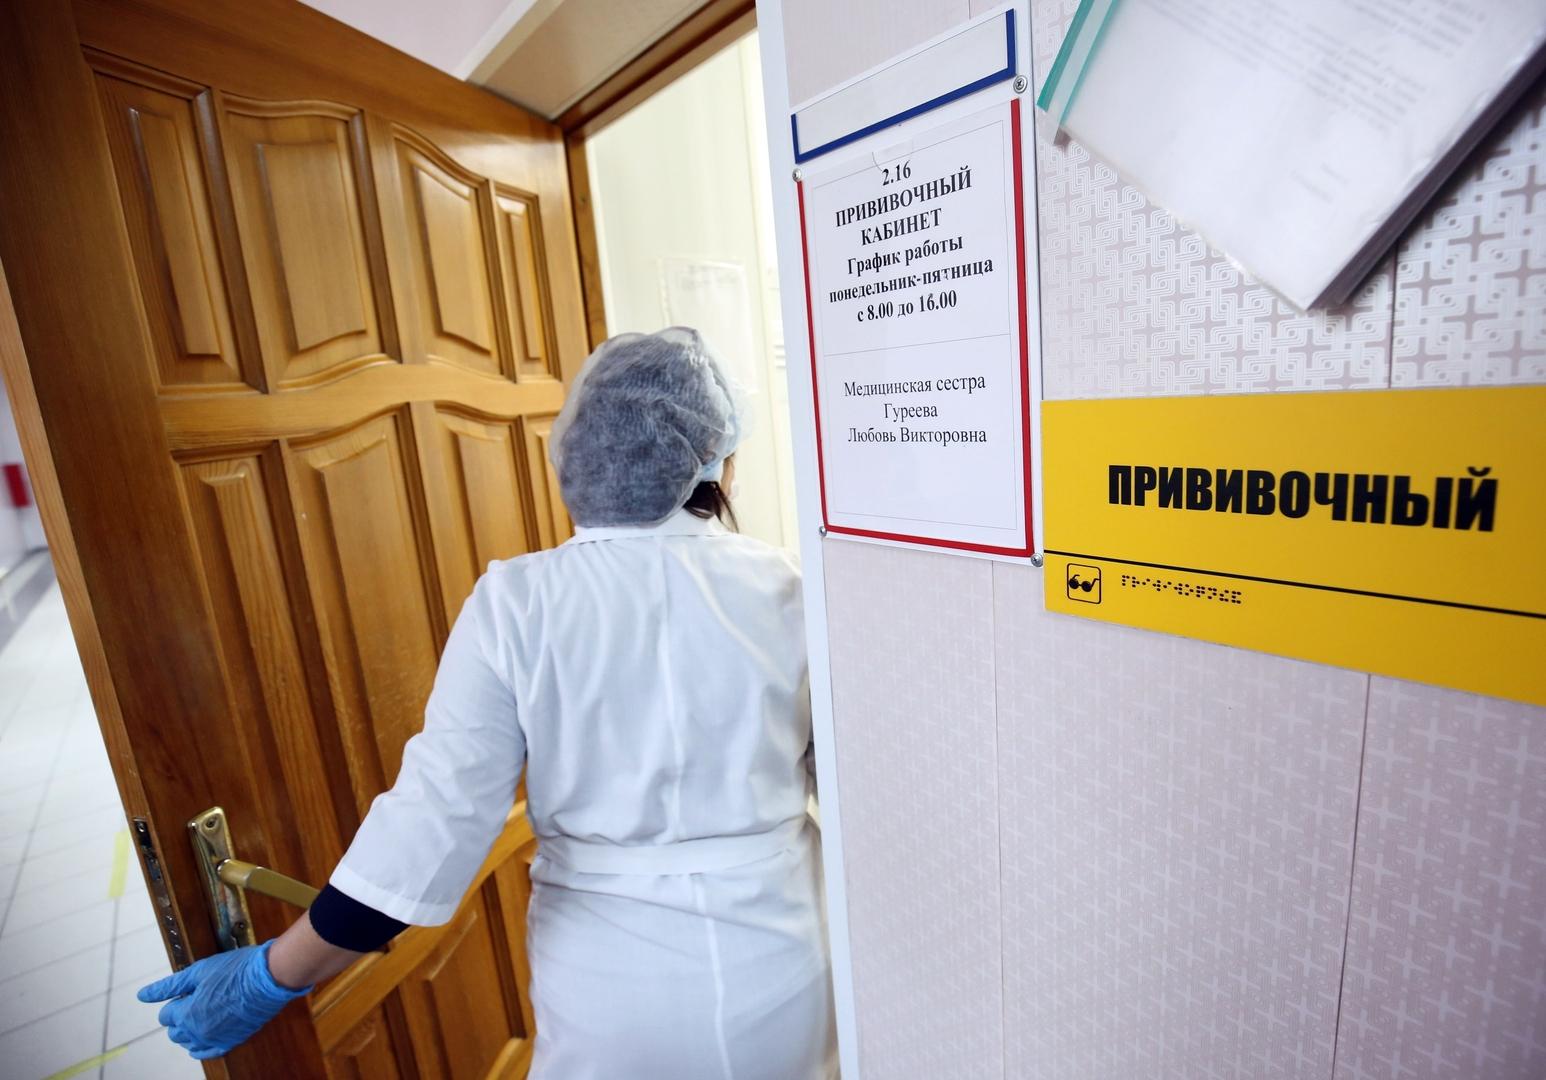 لأول مرة منذ يناير.. الإصابات اليومية بكورونا في روسيا فوق الـ20 ألفا